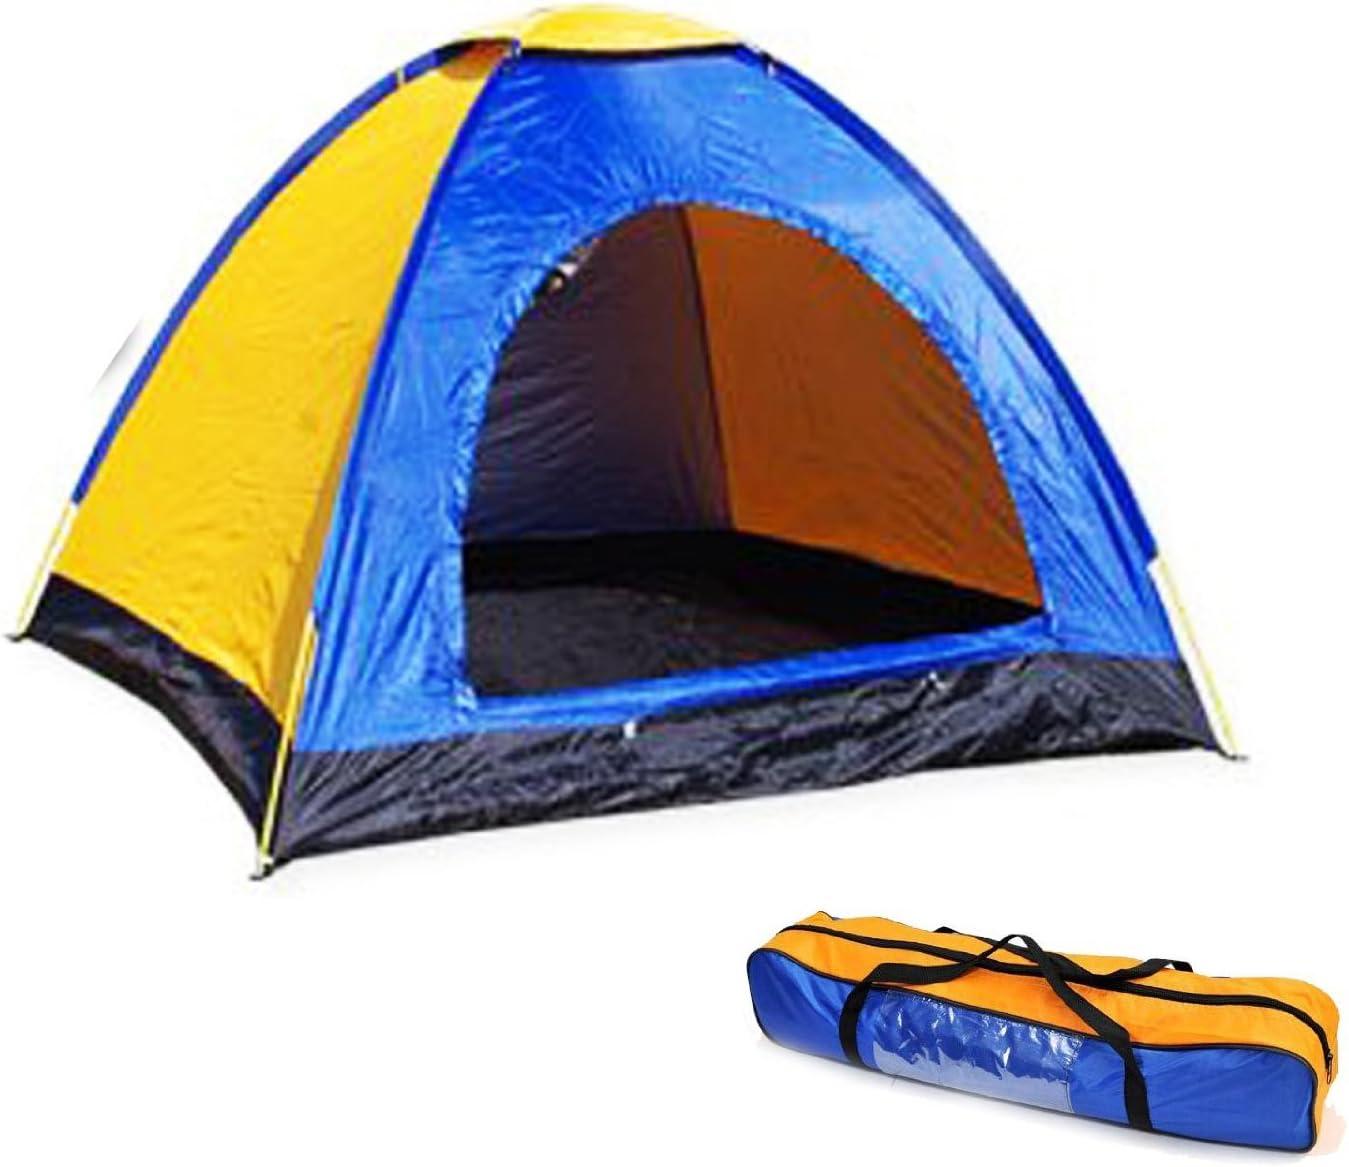 Kana ortopédica tienda de campaña iglú para 6 personas para camping, mar, Viajes, playa, 220 x 250 x 150 cm: Amazon.es: Deportes y aire libre